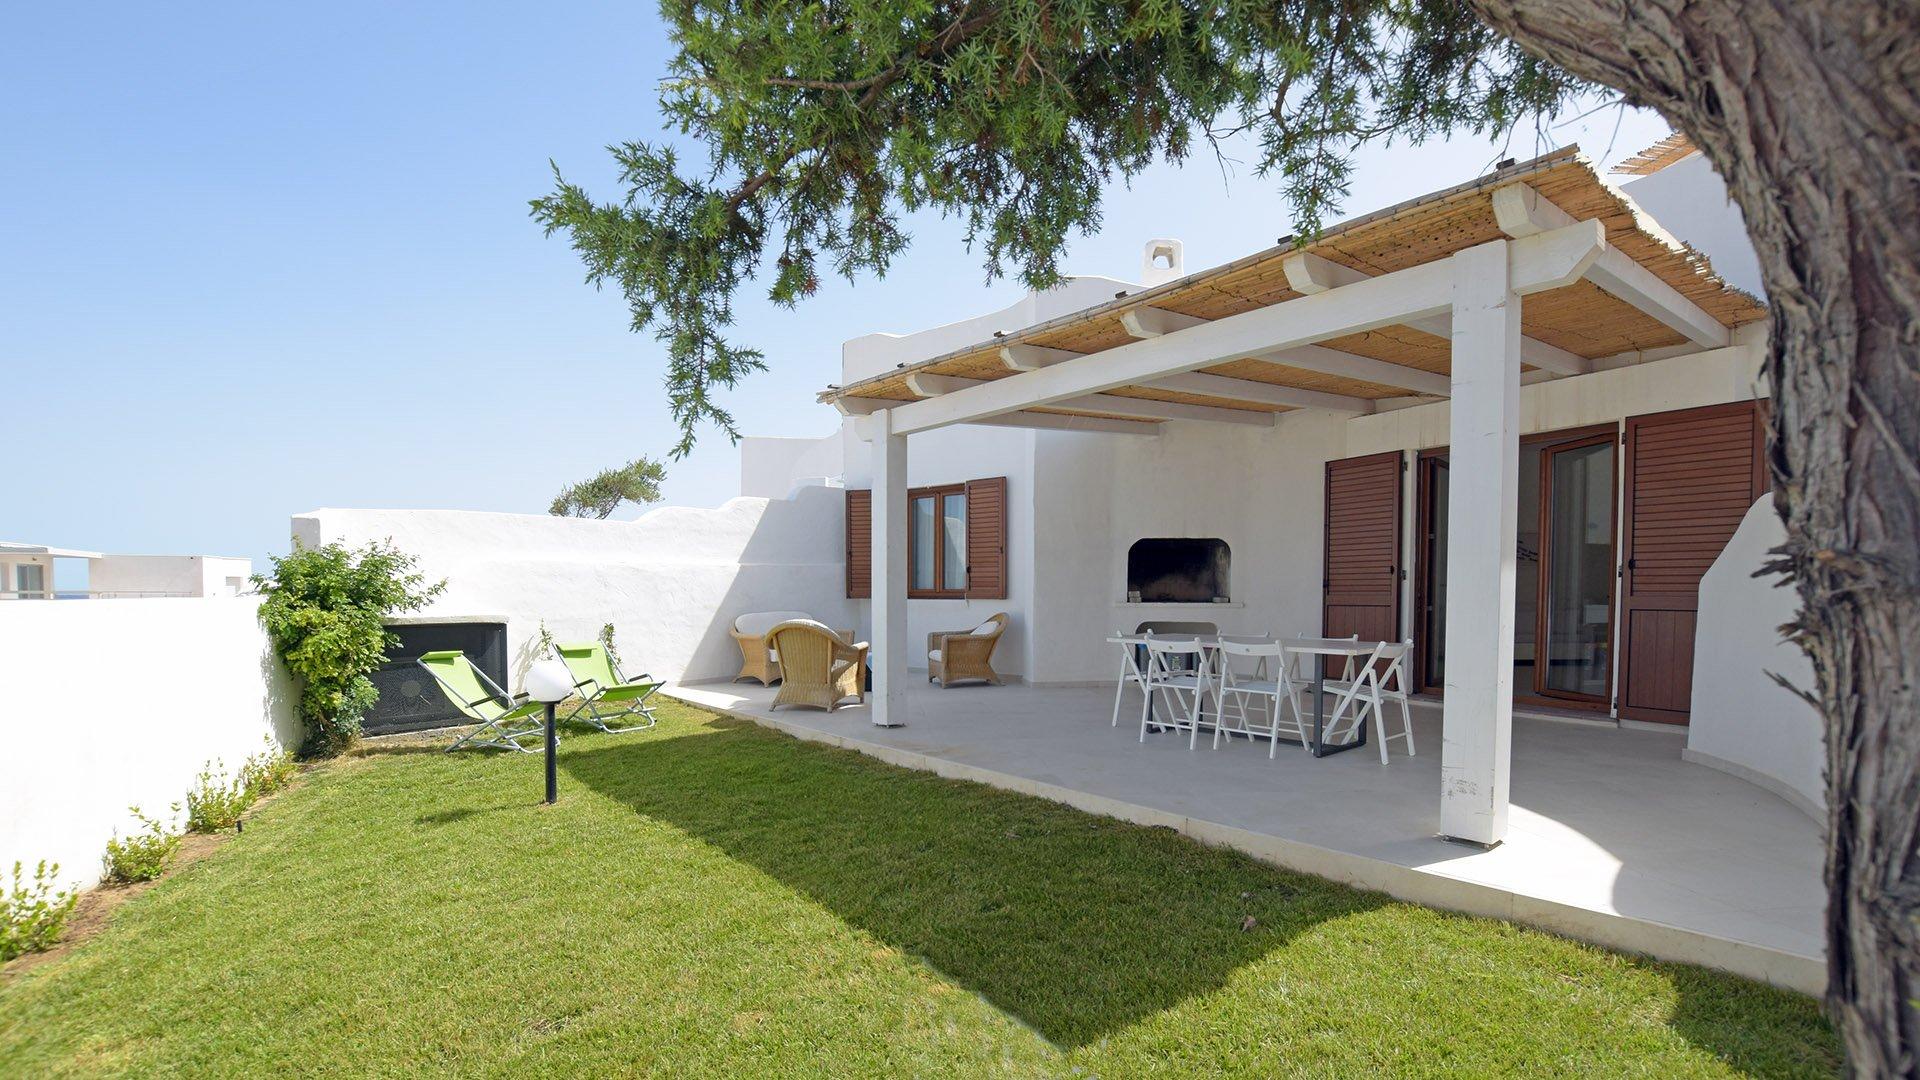 Splendida villa in affitto a Valledoria, a soli 150 mt dalla spiaggia